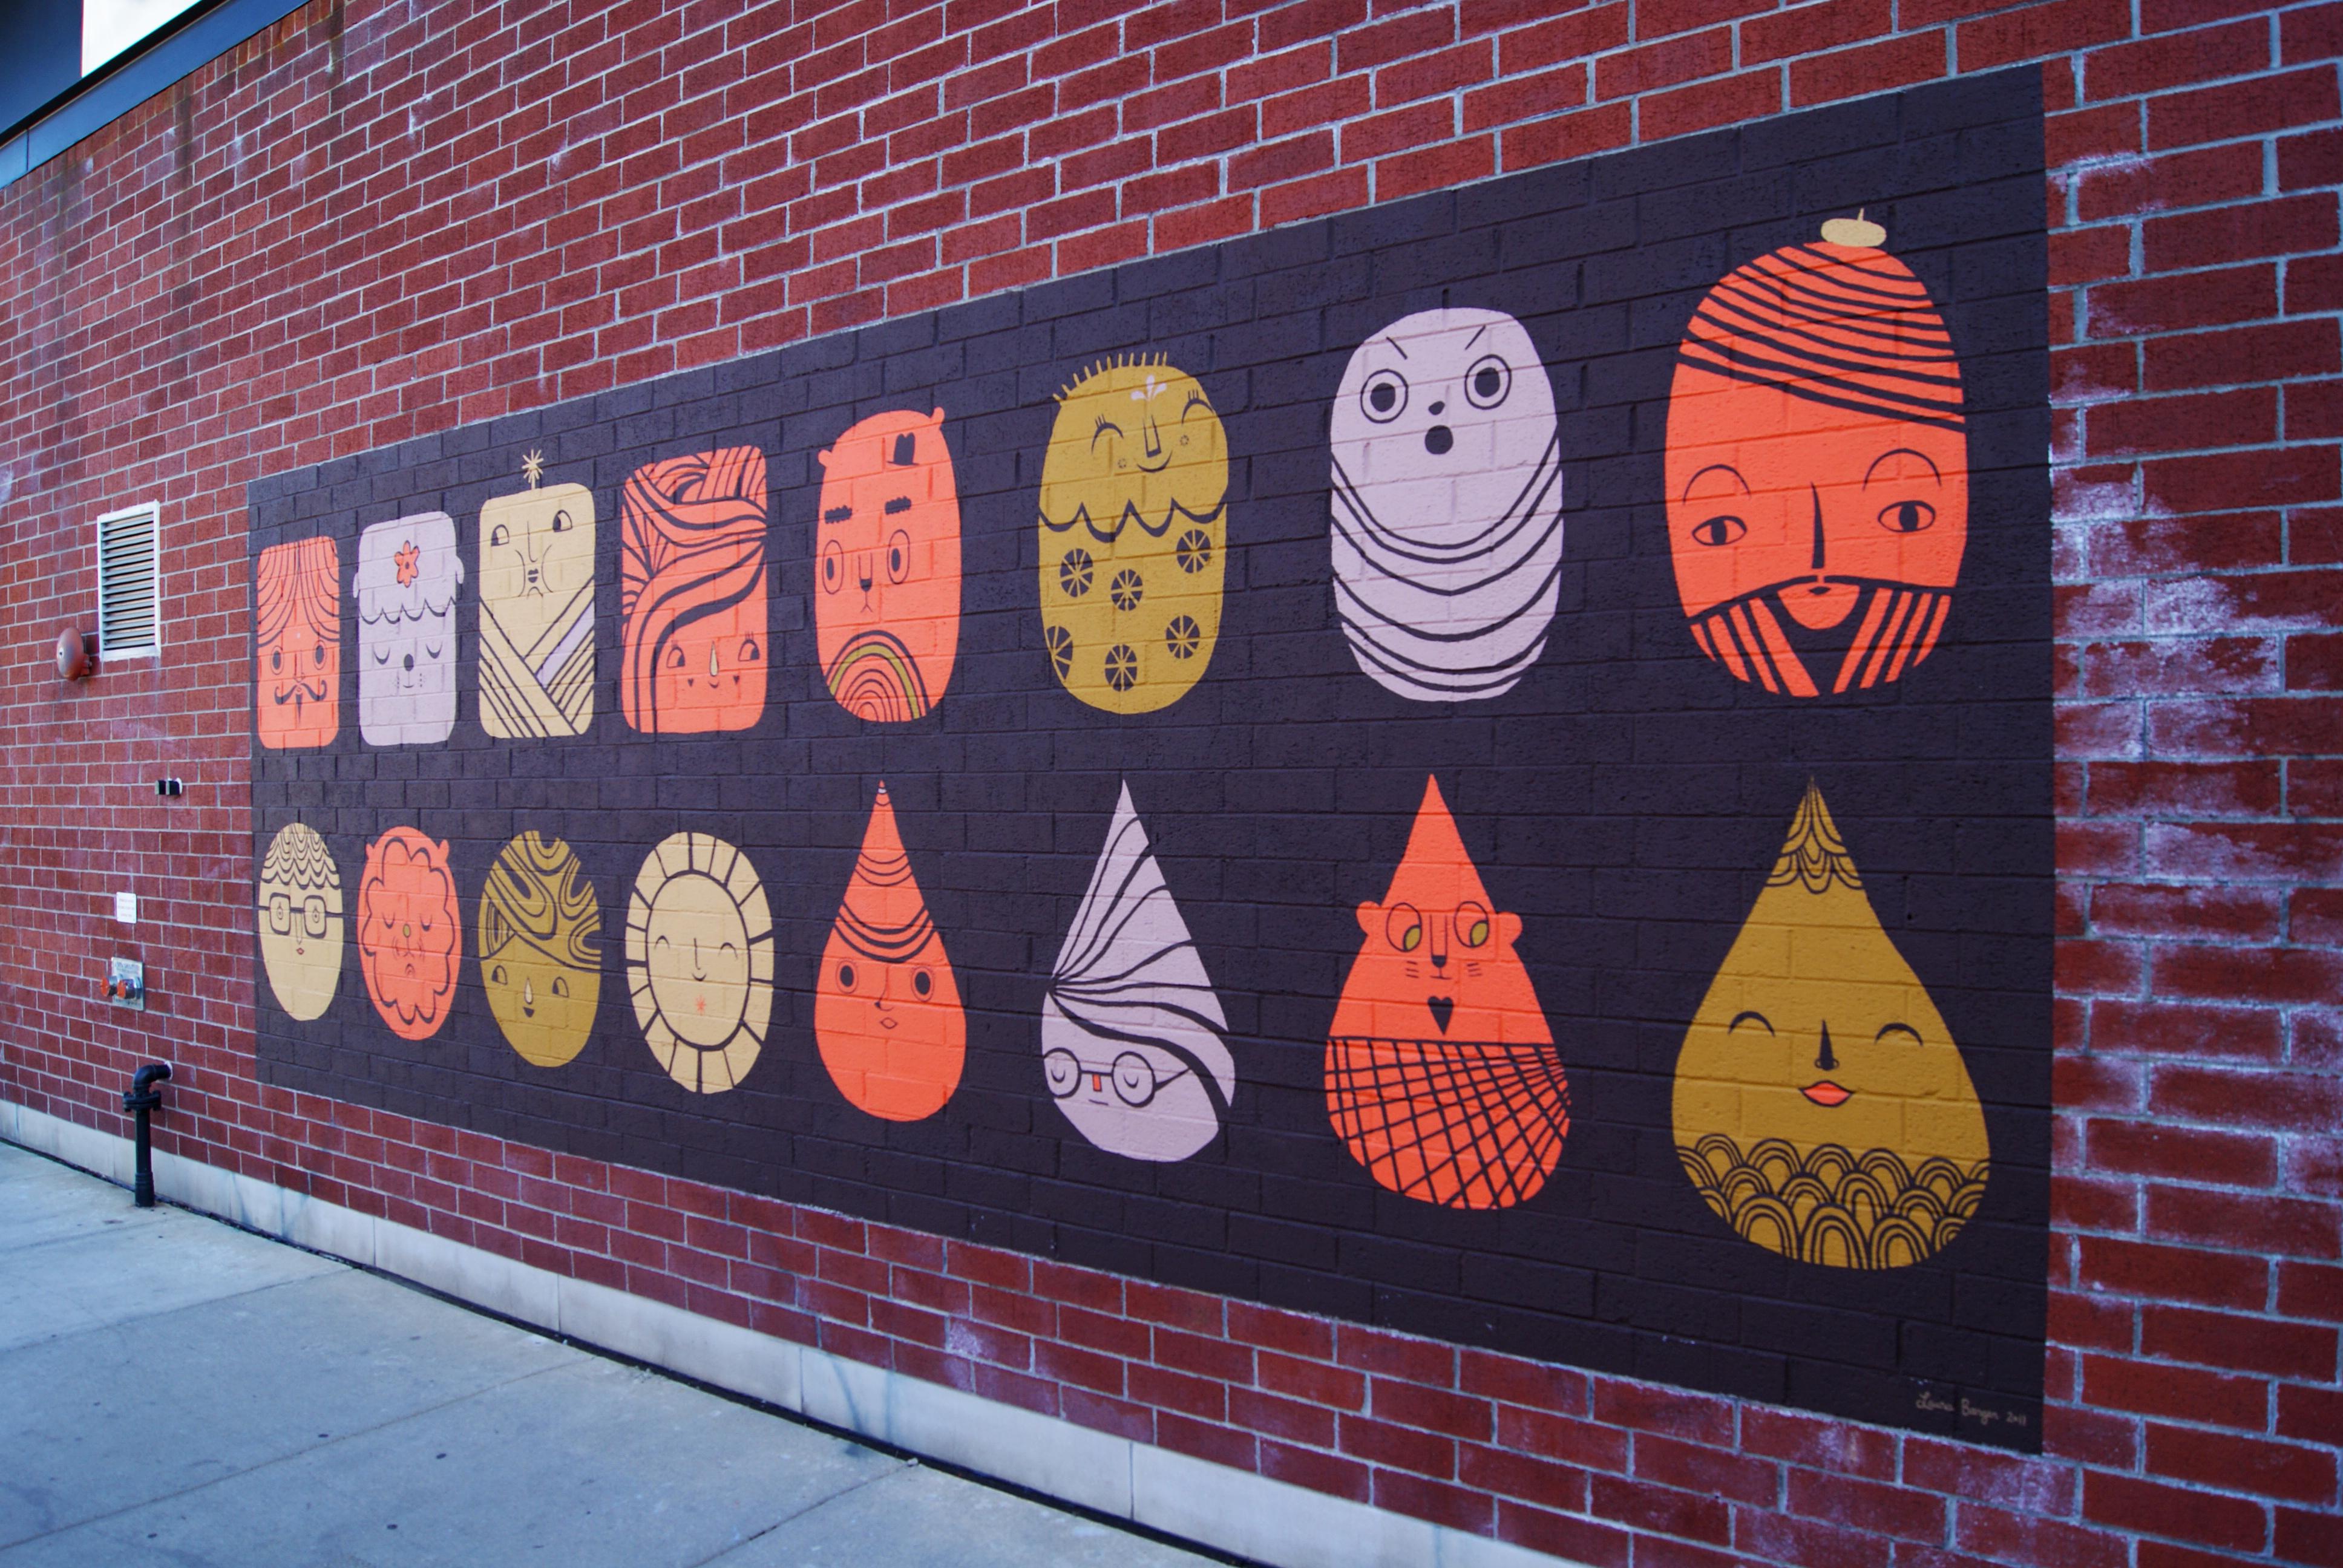 Orange Walls orange walls murals | wicker park bucktown chamber of commerce